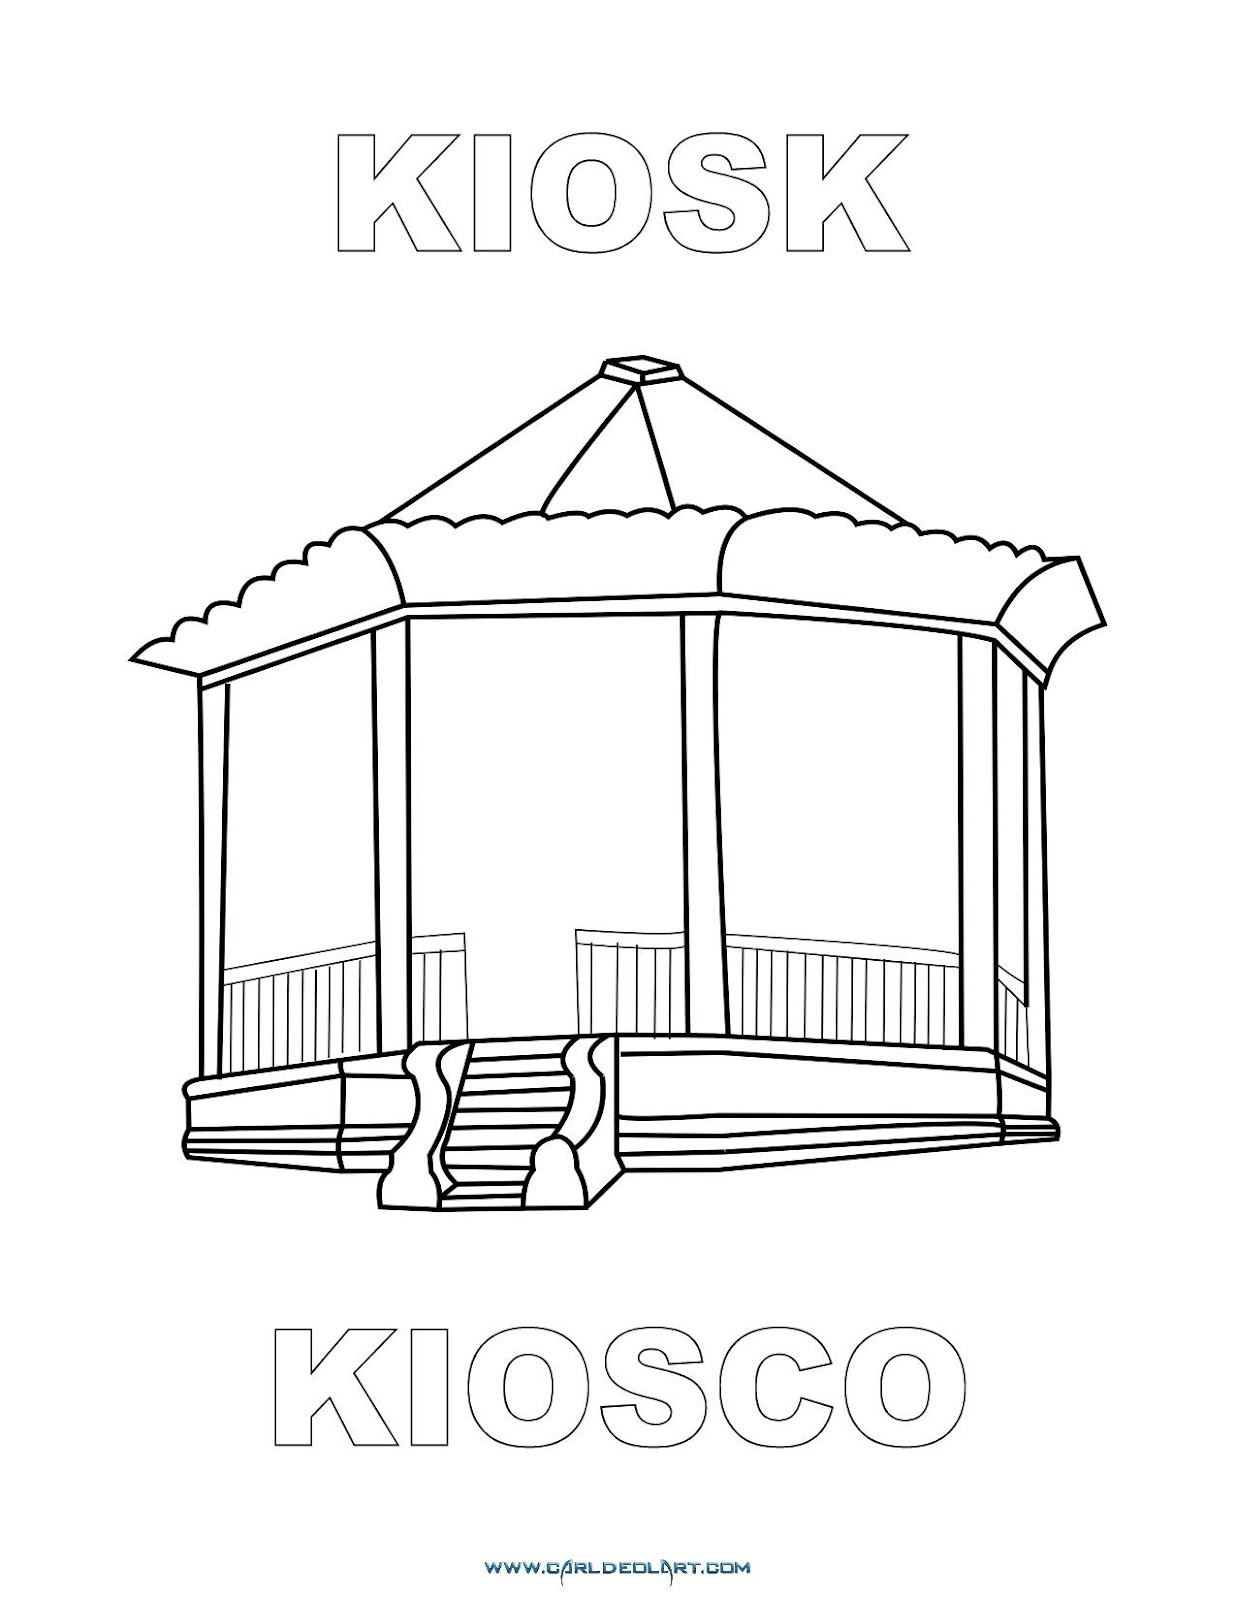 Dibujos Inglés Español Con K Kiosco Kiosk Dibujospacolorear